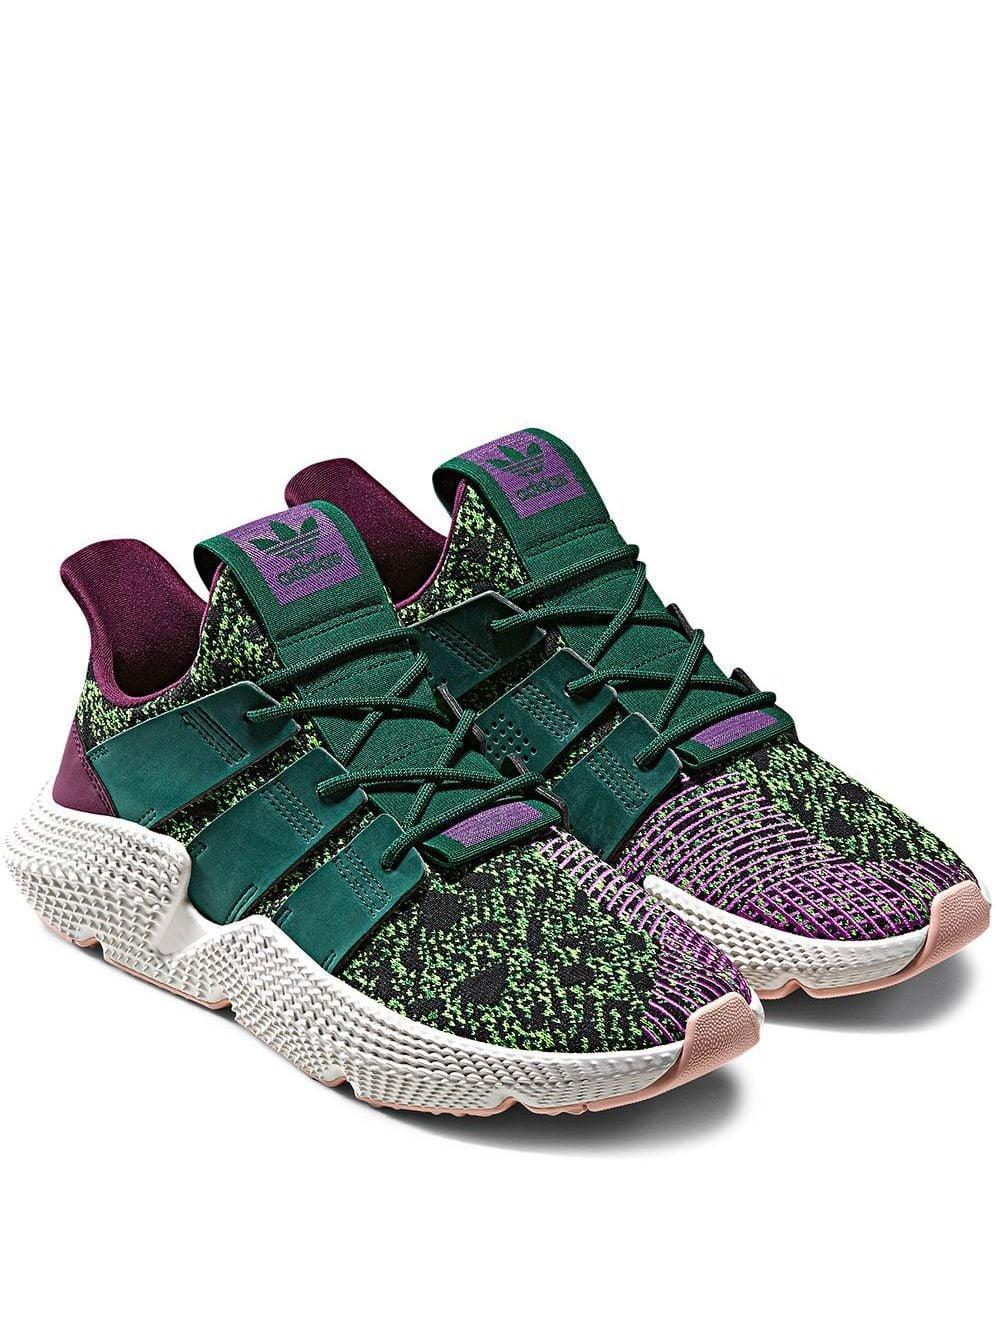 zapatillas de dragon ball z adidas